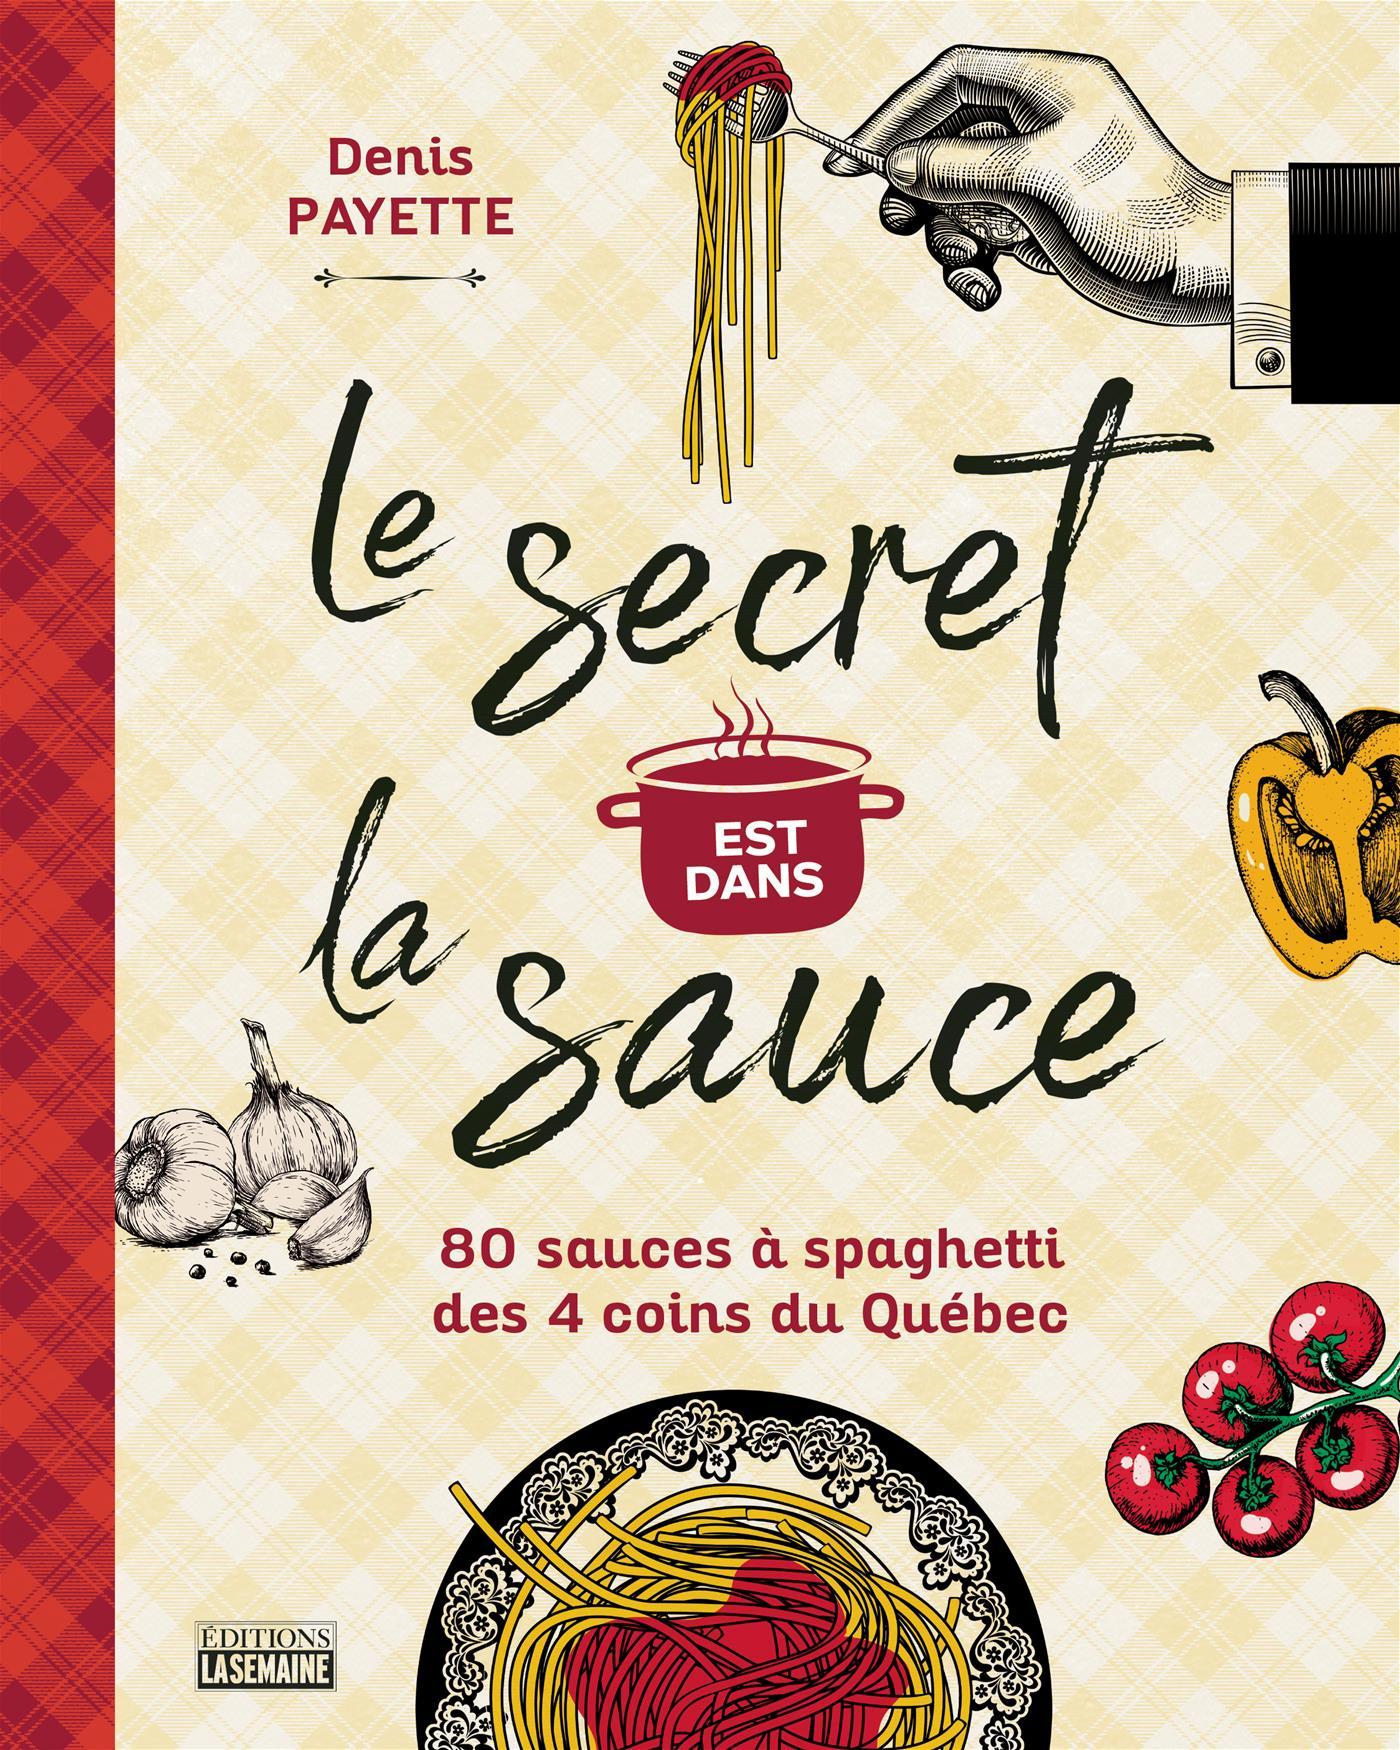 Le secret est dans la sauce